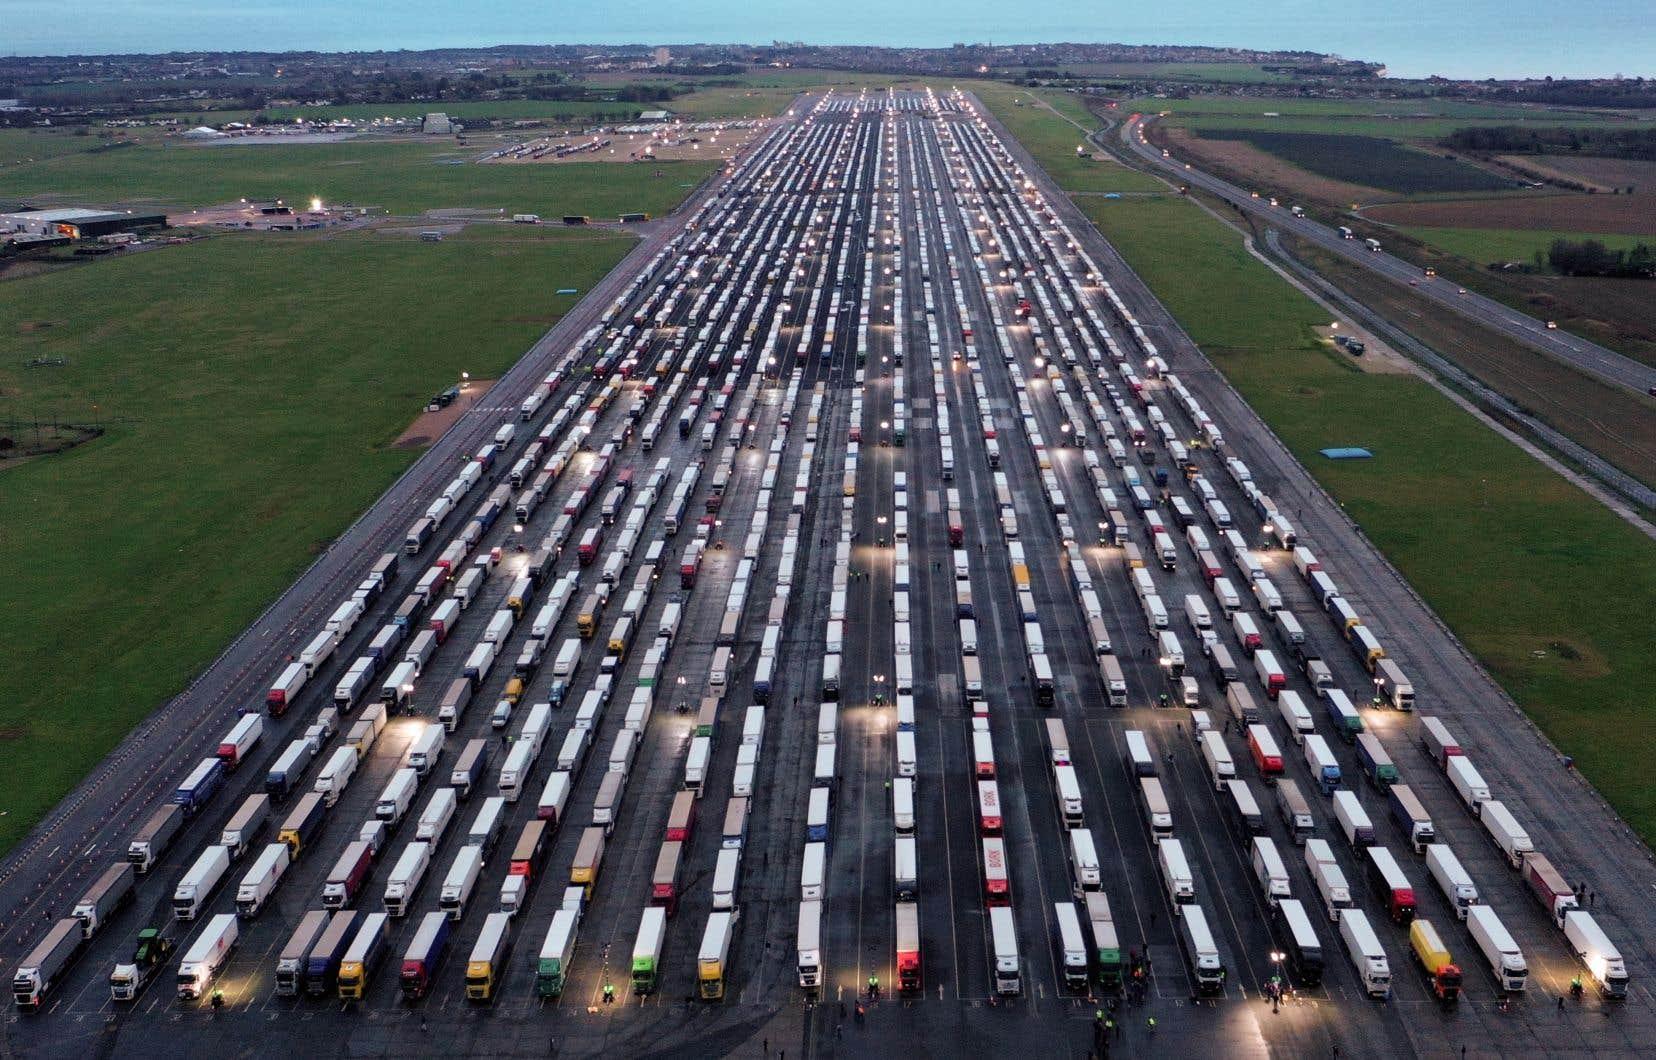 Contrairement aux autres pays, qui ont suspendu les vols arrivant du Royaume-Uni pour se protéger d'un nouveau variant du virus, seule la France a imposé un blocus sur le fret, condamnant des milliers de camionneurs à s'immobiliser dans le Kent avec leur cargaison et à devoir passer un test pour franchir la Manche.